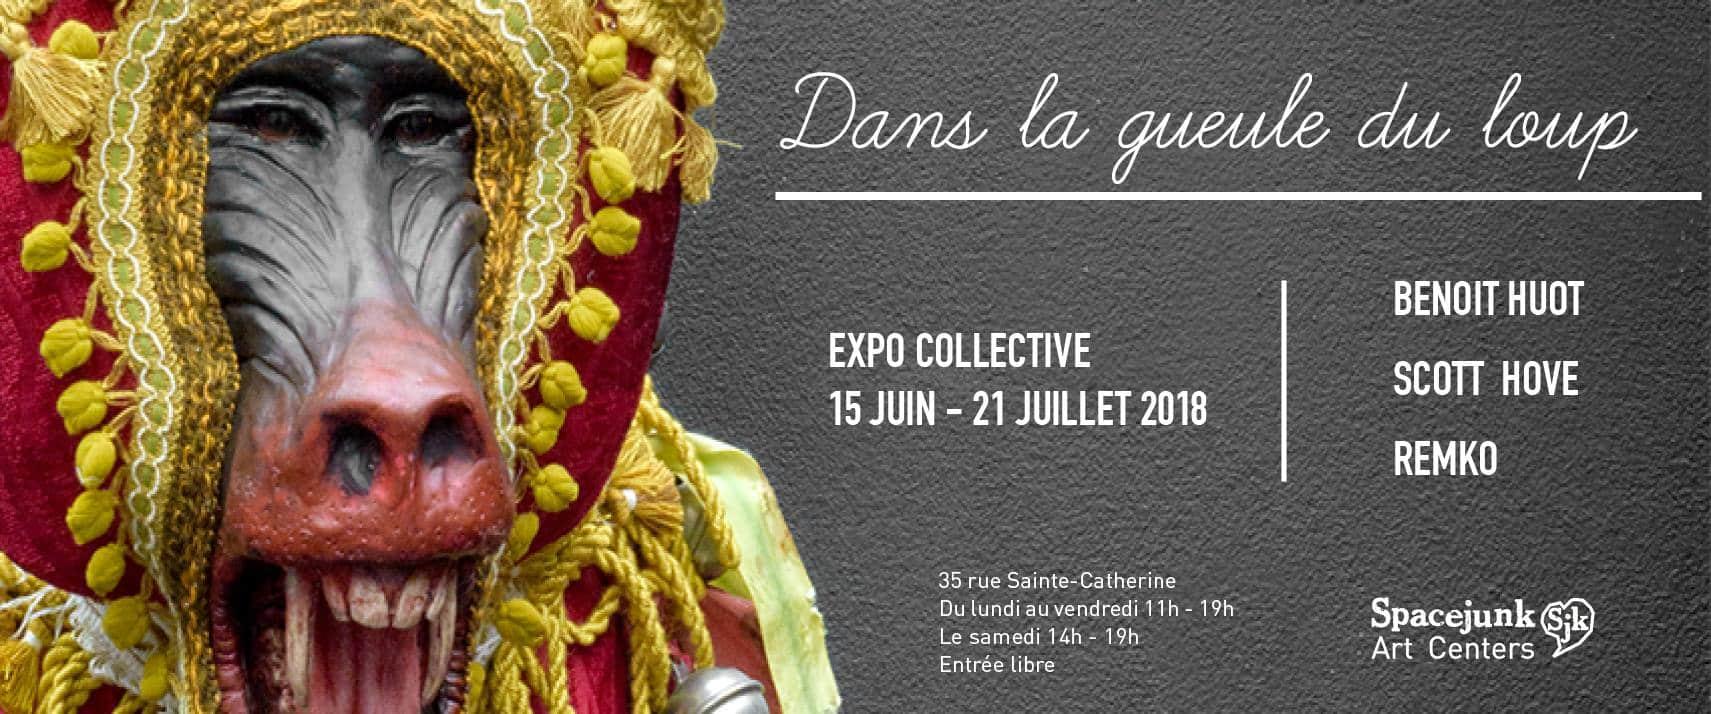 spacejunk bayonne exposition artistes plasticiens gratuit art stret